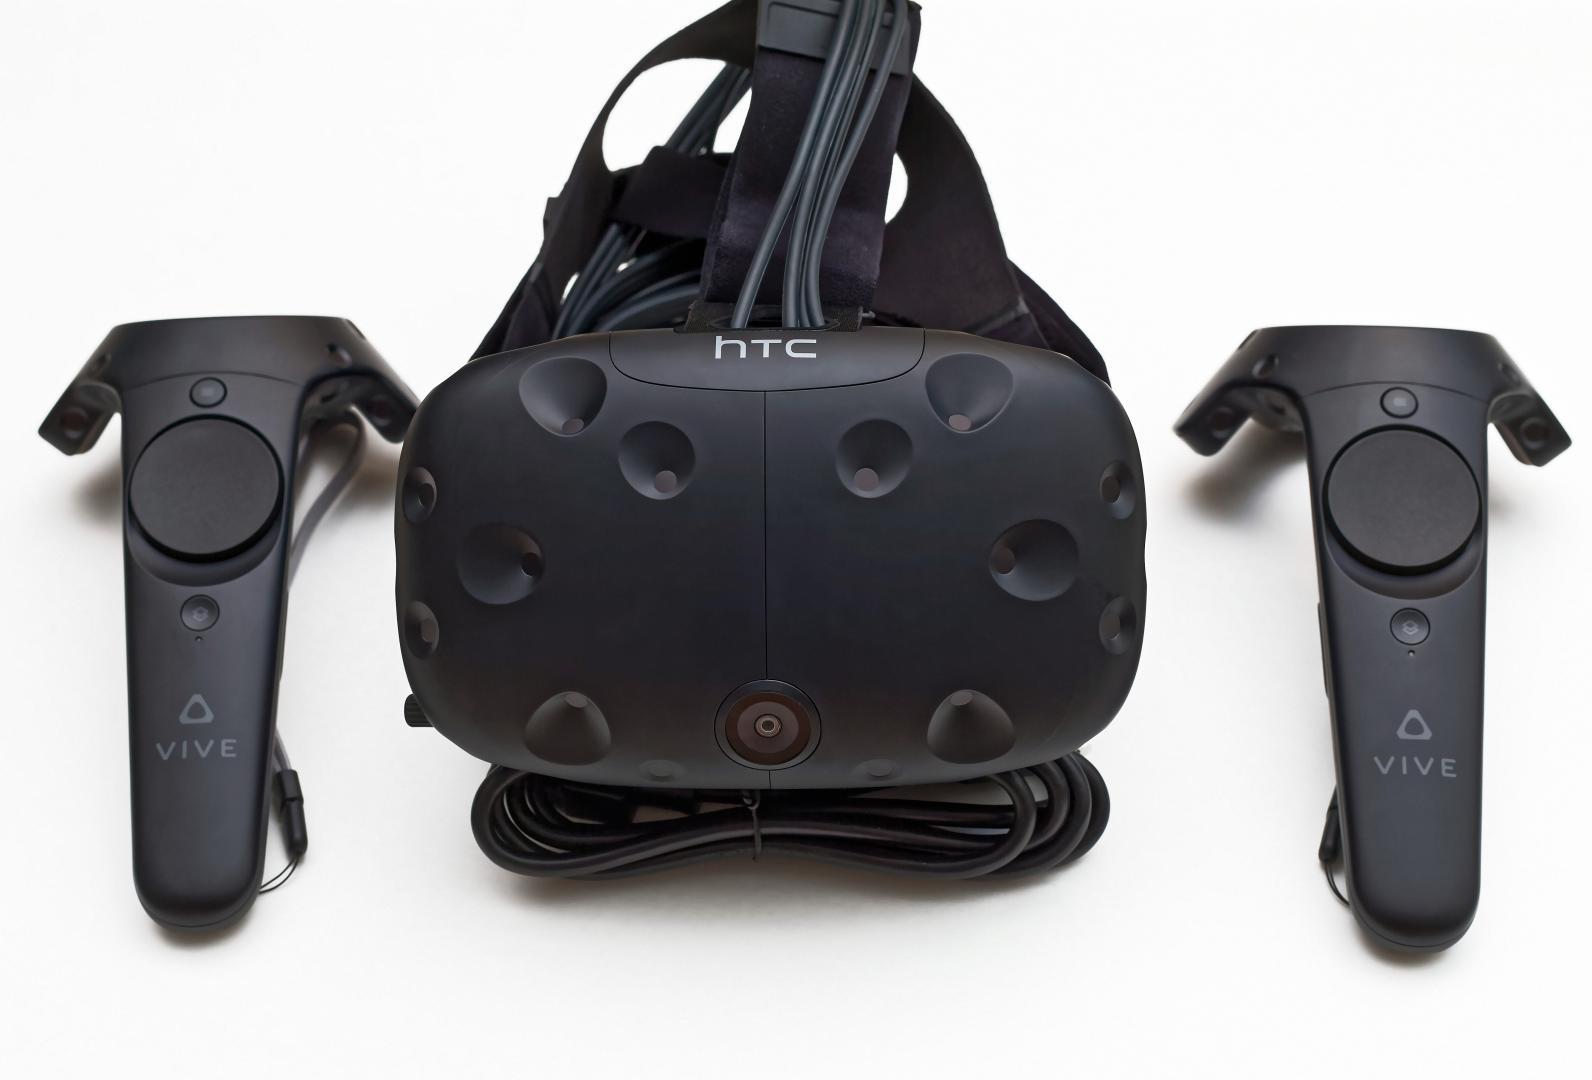 Rzeczywistość wirtualna (VR) - temat ogólny. Technologie, marzenia, możliwości, przyszłość.